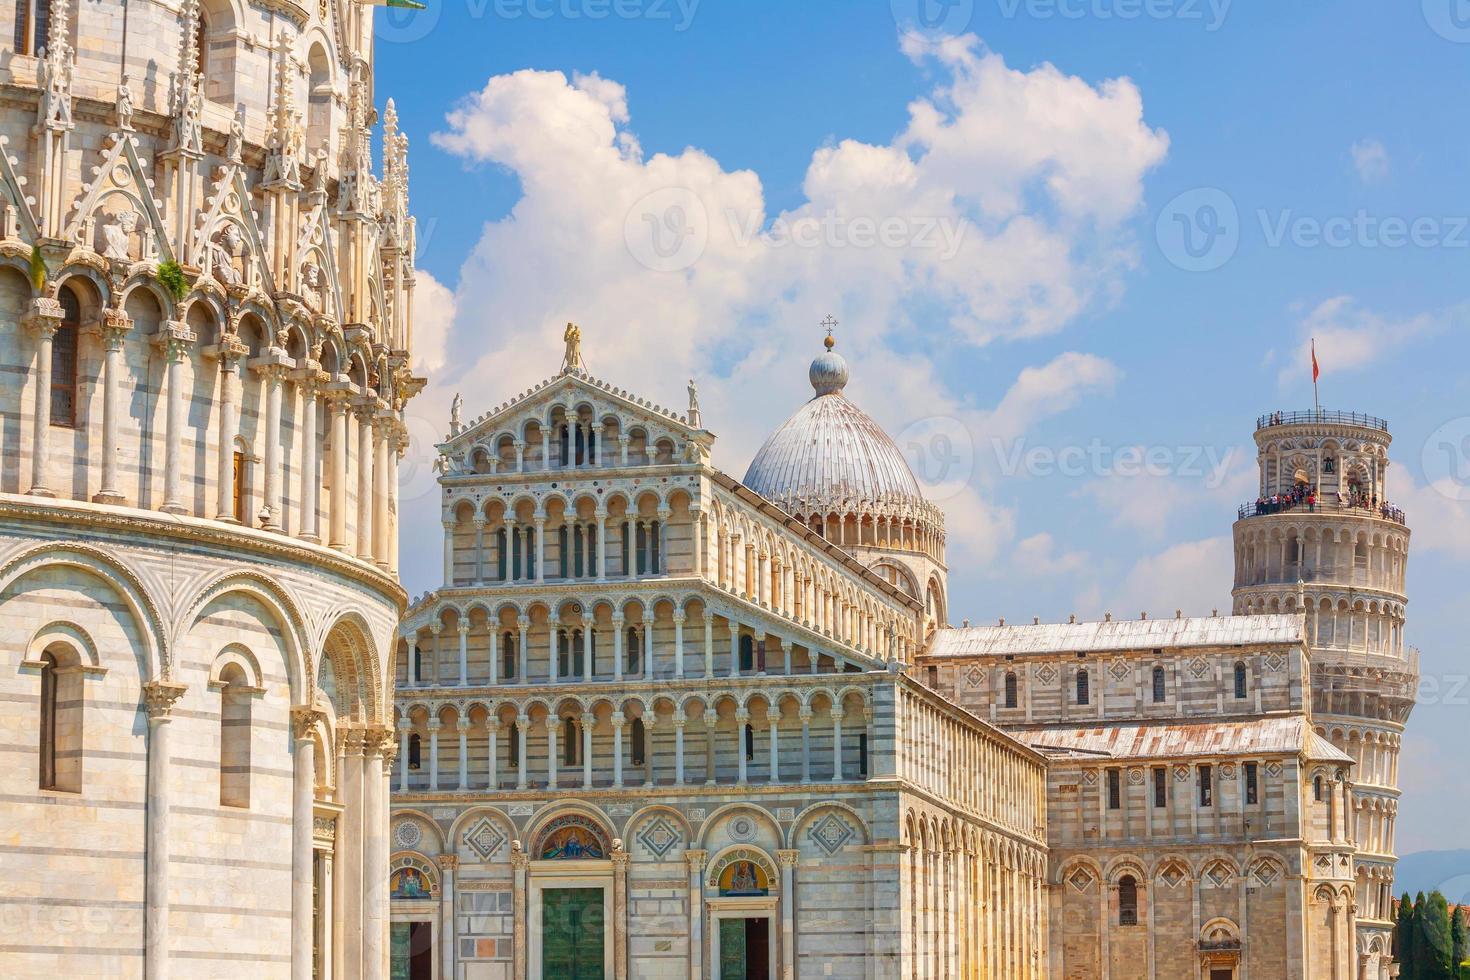 La torre inclinada, el paisaje urbano del centro de la ciudad de Pisa en Italia foto